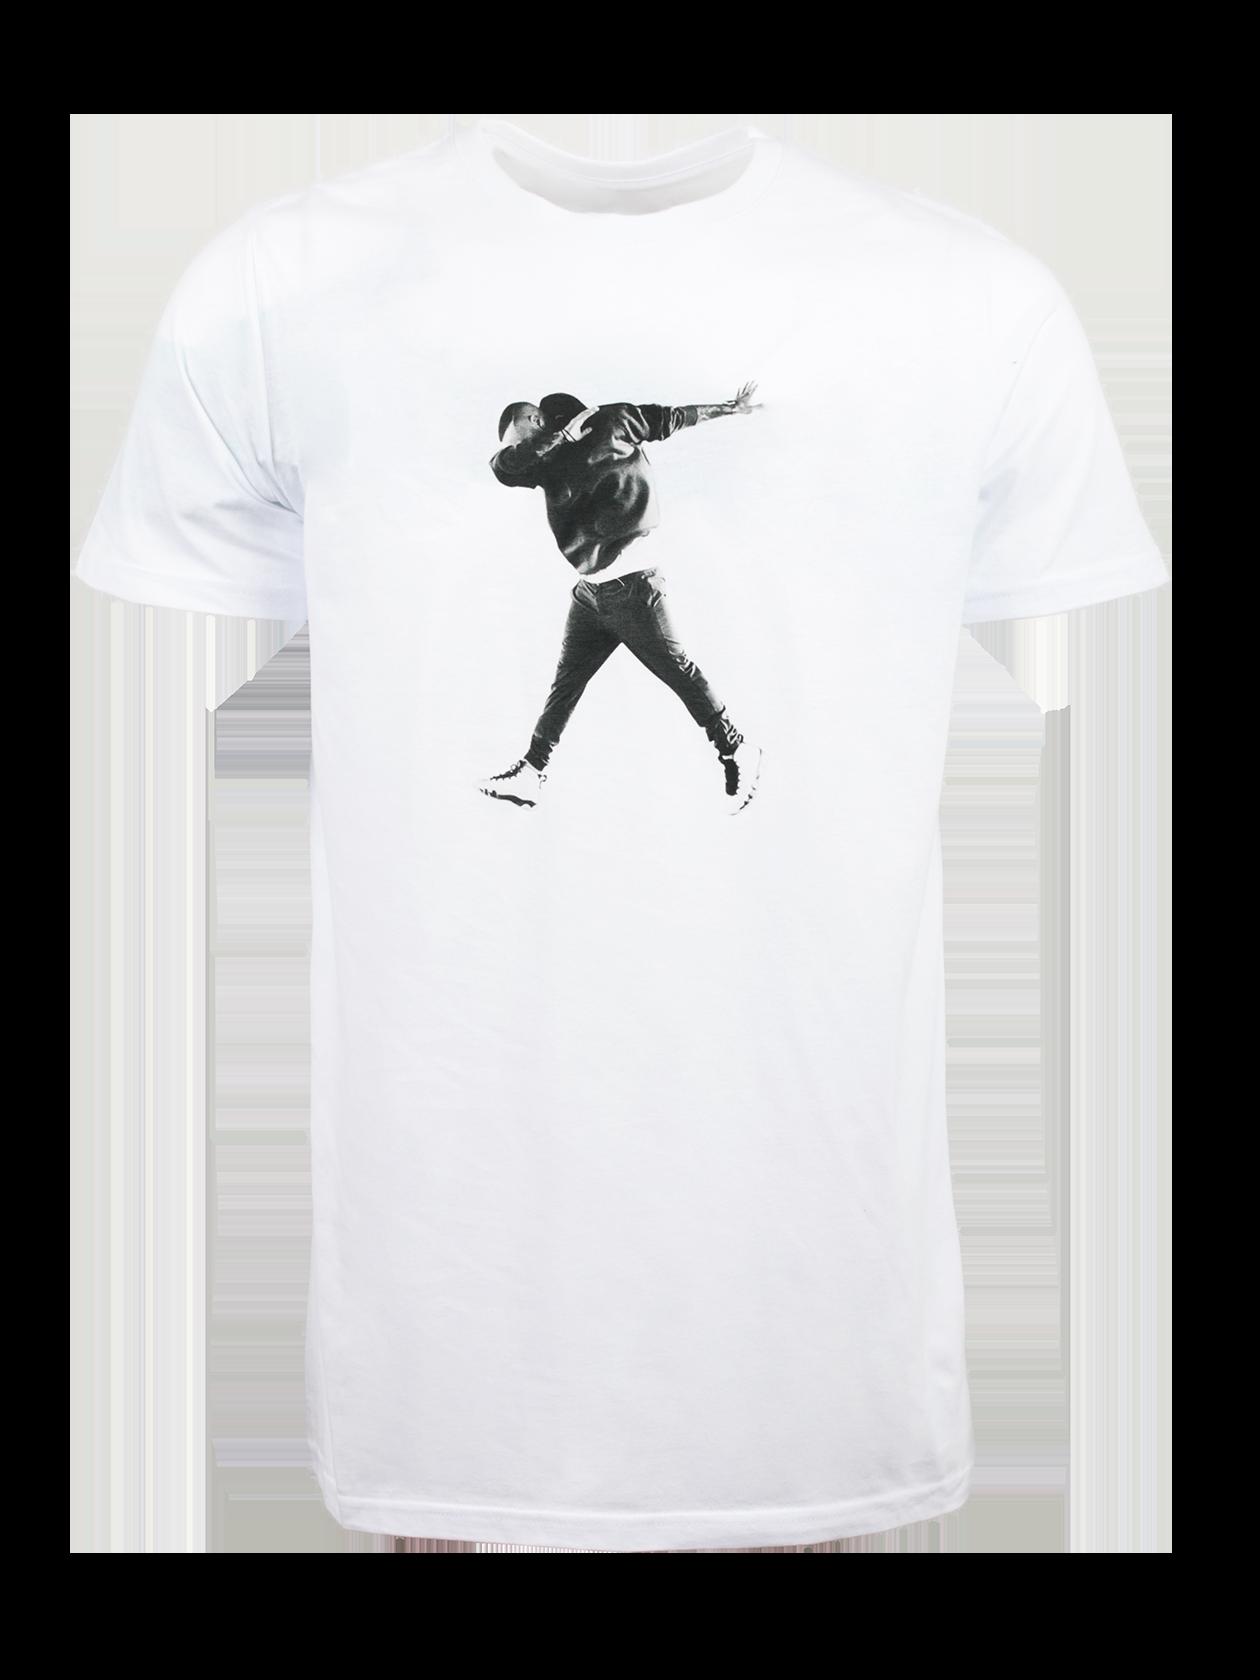 Футболка унисекс LONEВ мерче популярного артиста L`one Гравитация представлена стильная футболка унисекс L`one. Модель базового белого цвета, лаконичного дизайна идеально впишется в гардероб активных молодых людей. Крой прямой, полусвободный, с удлиненной формой низа. Круглая неглубокая горловина содержит фирменный лейбл бренда Black Star Wear с внутренней стороны. Оригинальная деталь – принт с изображением L`one спереди. Футболка изготовлена из люксового хлопка, выделяется практичностью и комфортностью.<br><br>Размер: XL<br>Цвет: Белый<br>Пол: Мужской